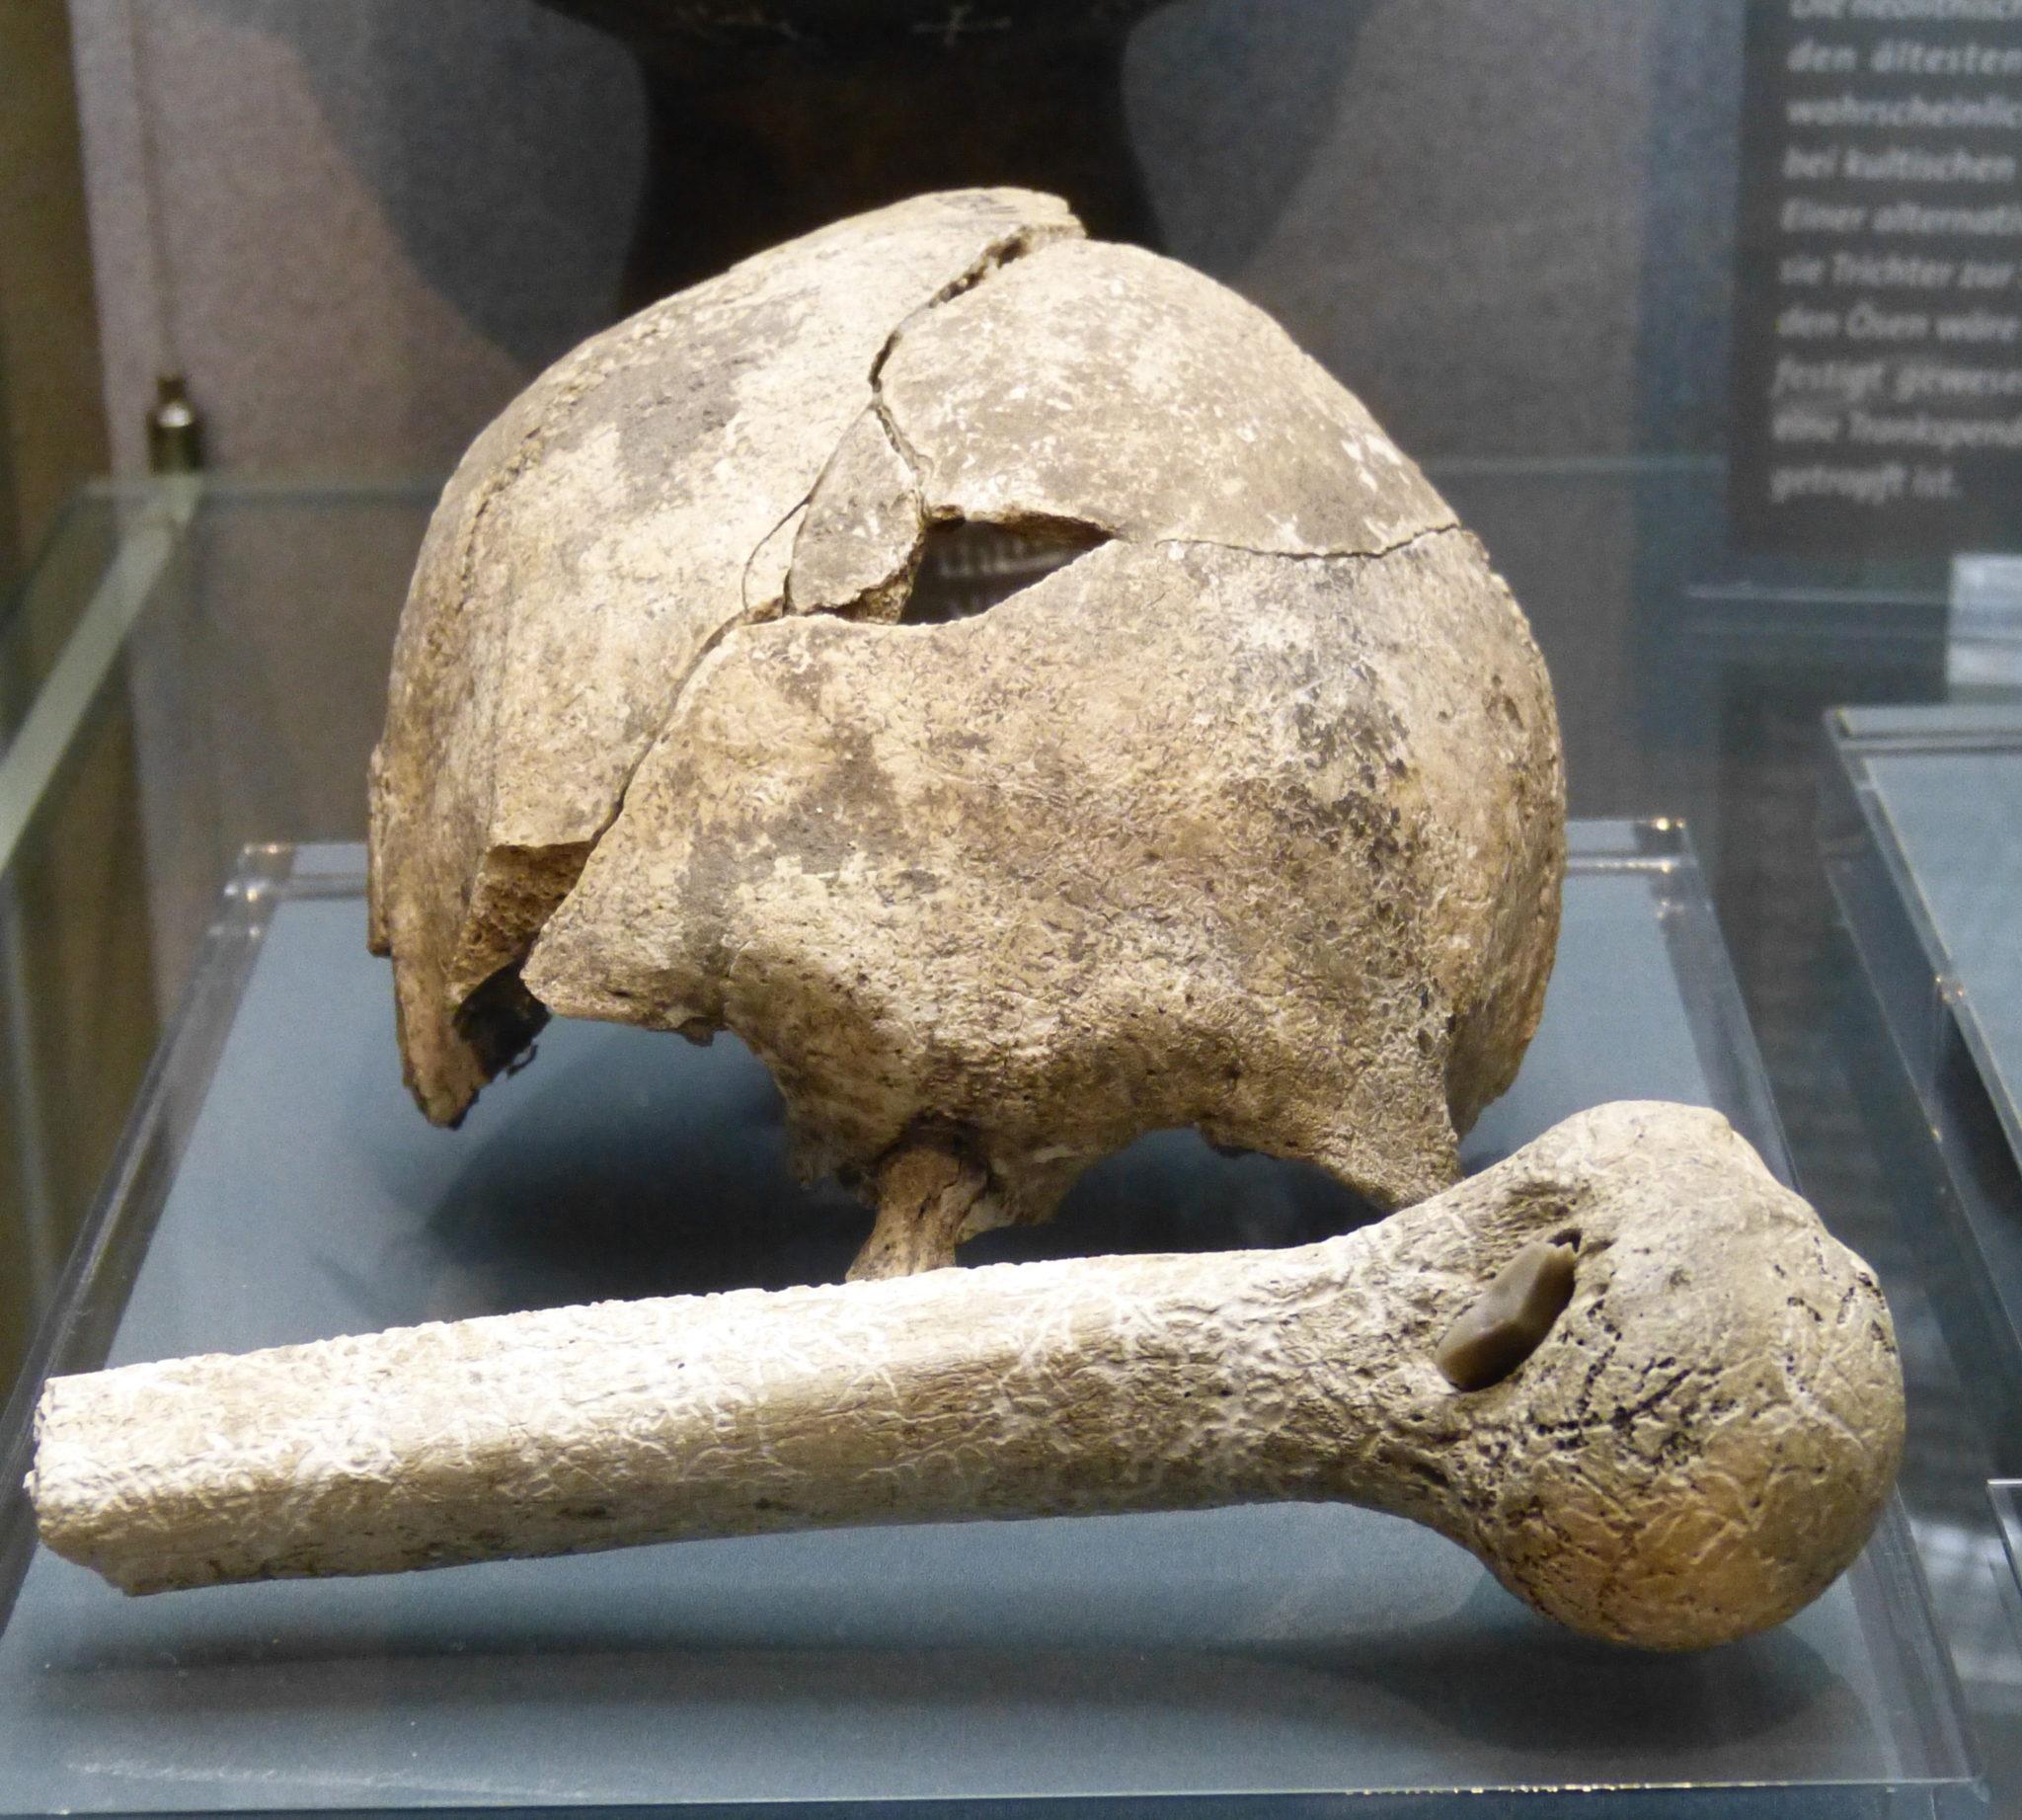 Resultat eines grossen Köpfe-Einschlagens vor Tausenden von Jahren: Gespaltener Schädel und ein Knochen mit darin steckender Pfeilspitze, gefunden bei Schönstedt in Deutschland. Ausgestellt in einem Glaskasten in einem Museum.